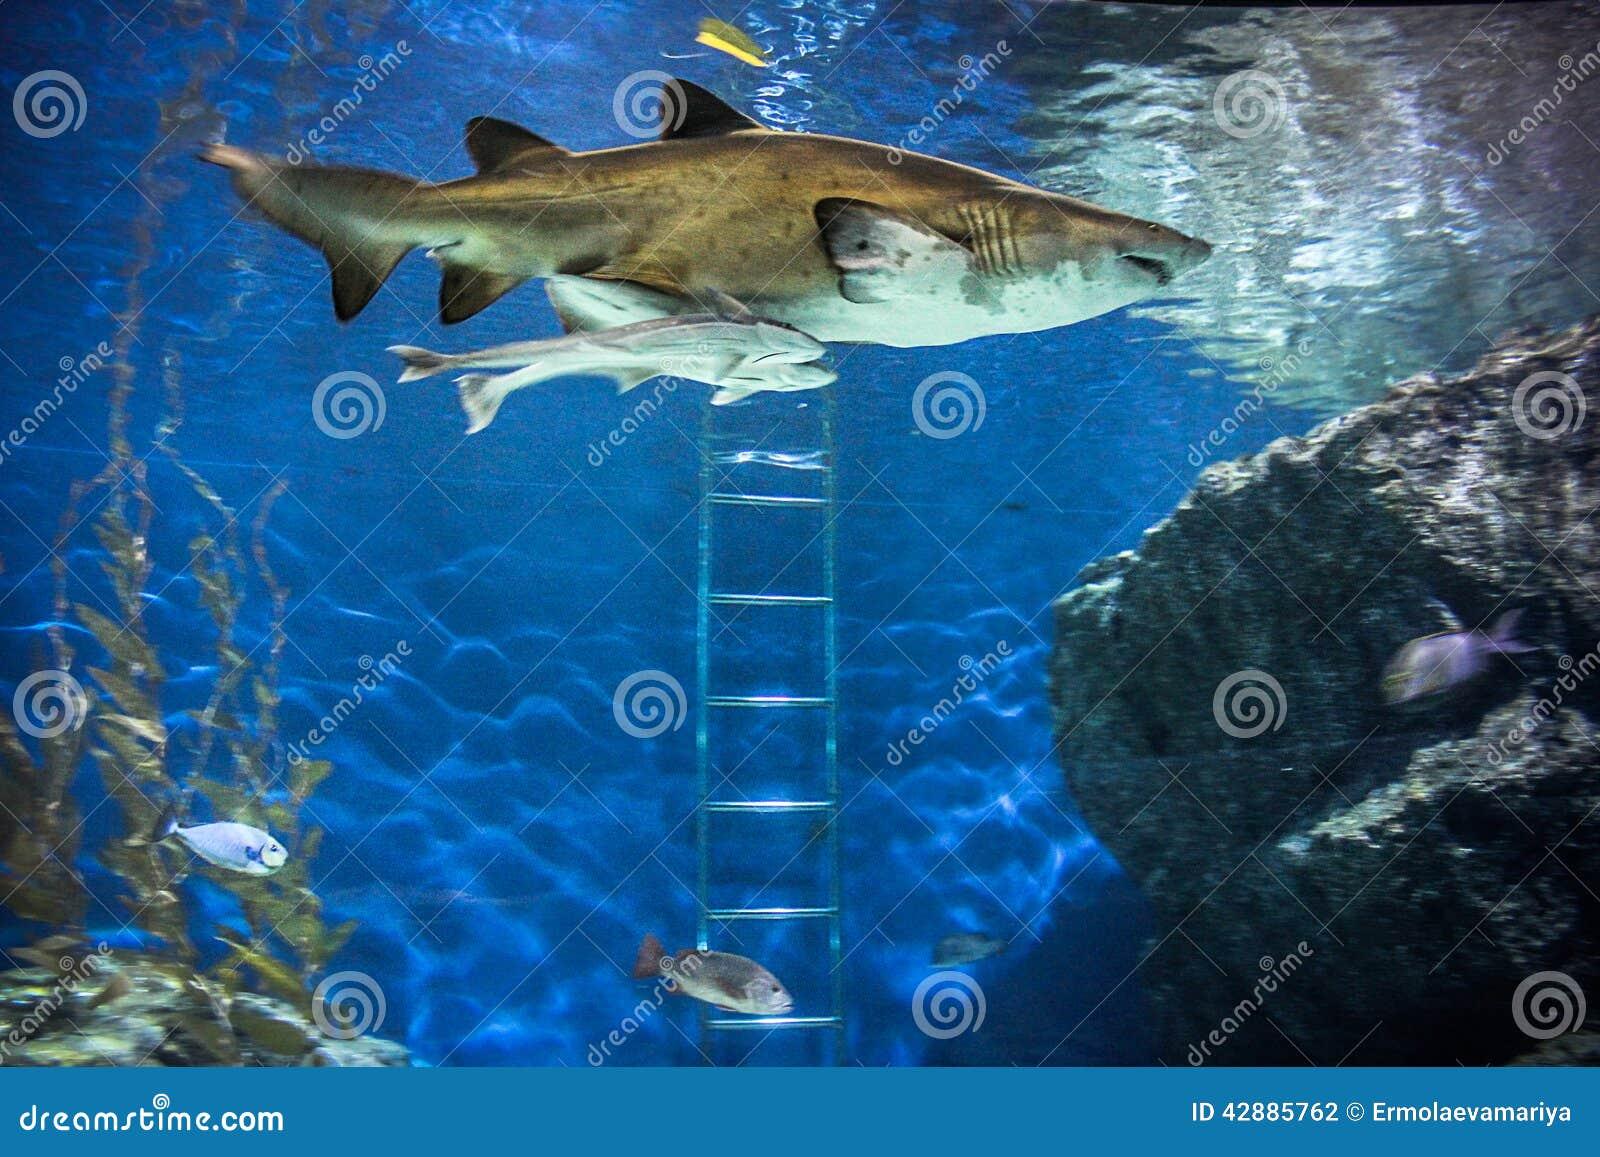 Fish for natural aquarium - Shark With Fish Underwater In Natural Aquarium